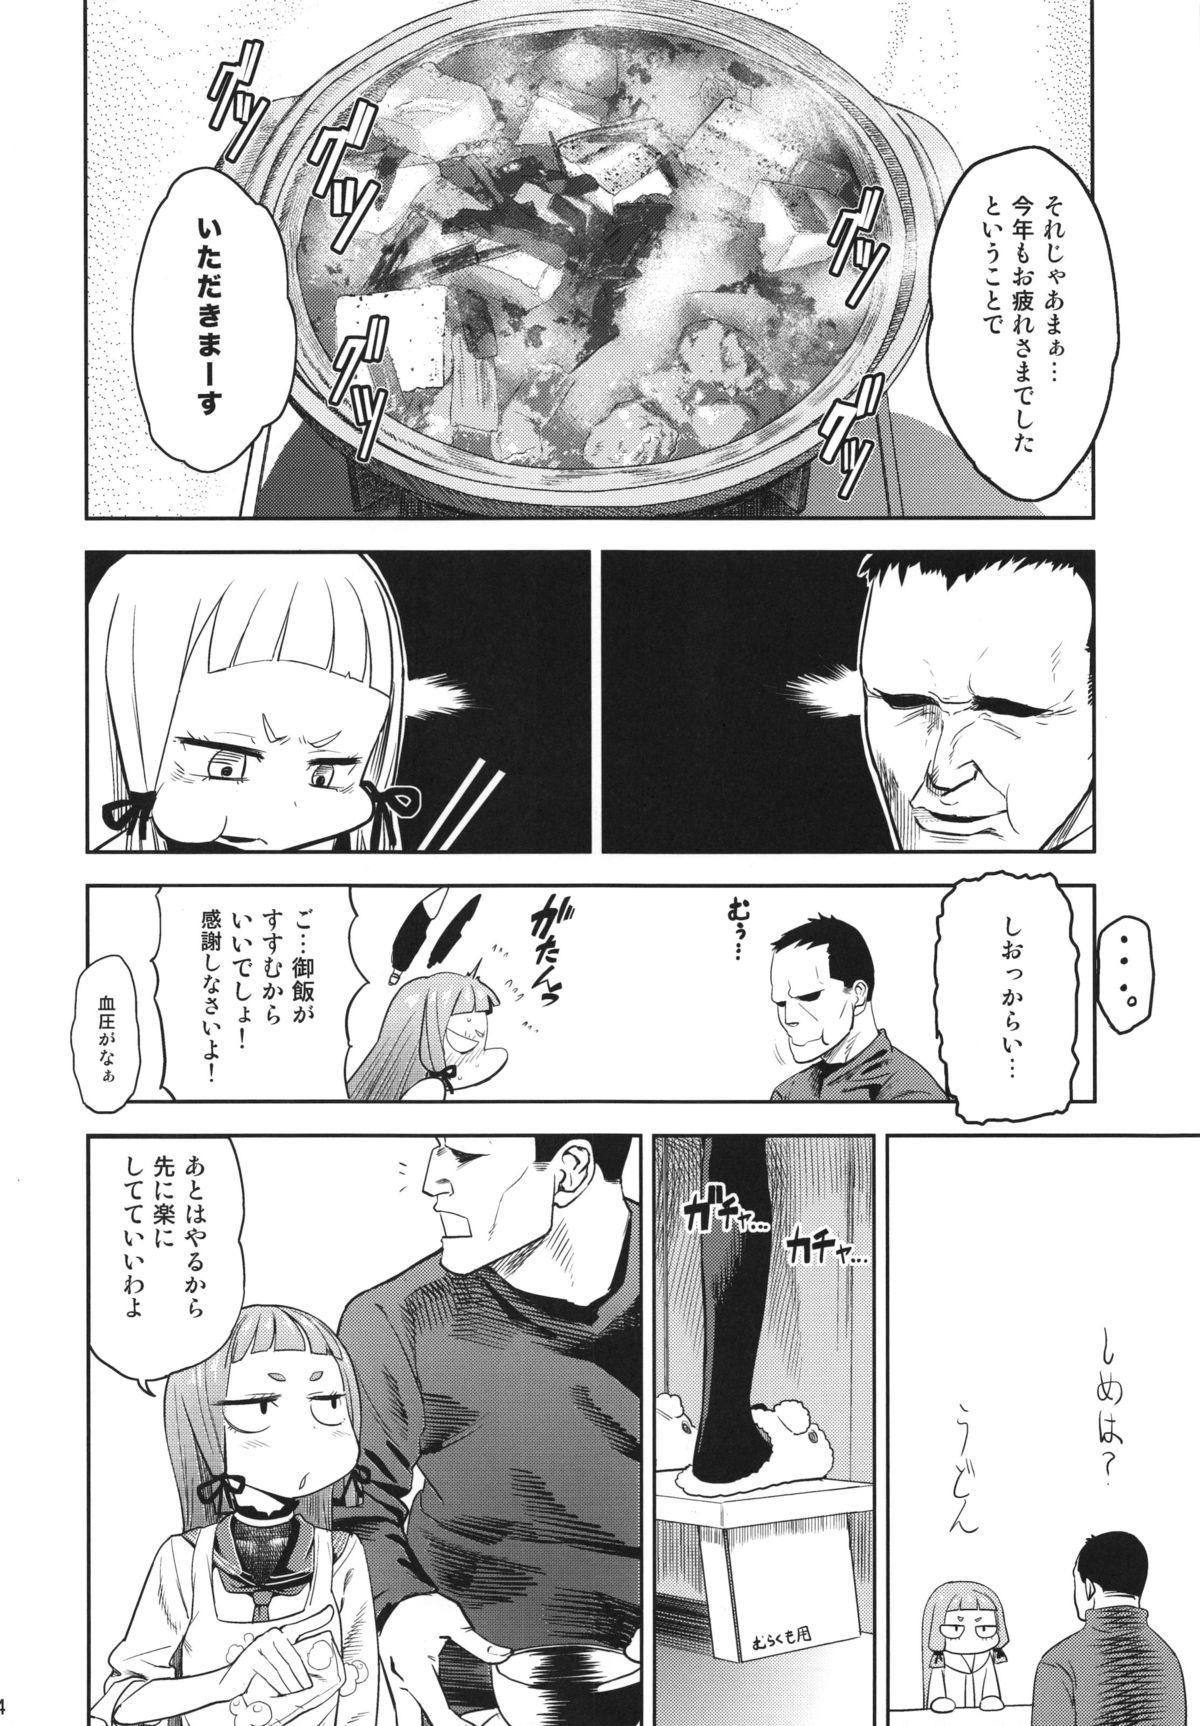 MuraMura! Fuyu 5